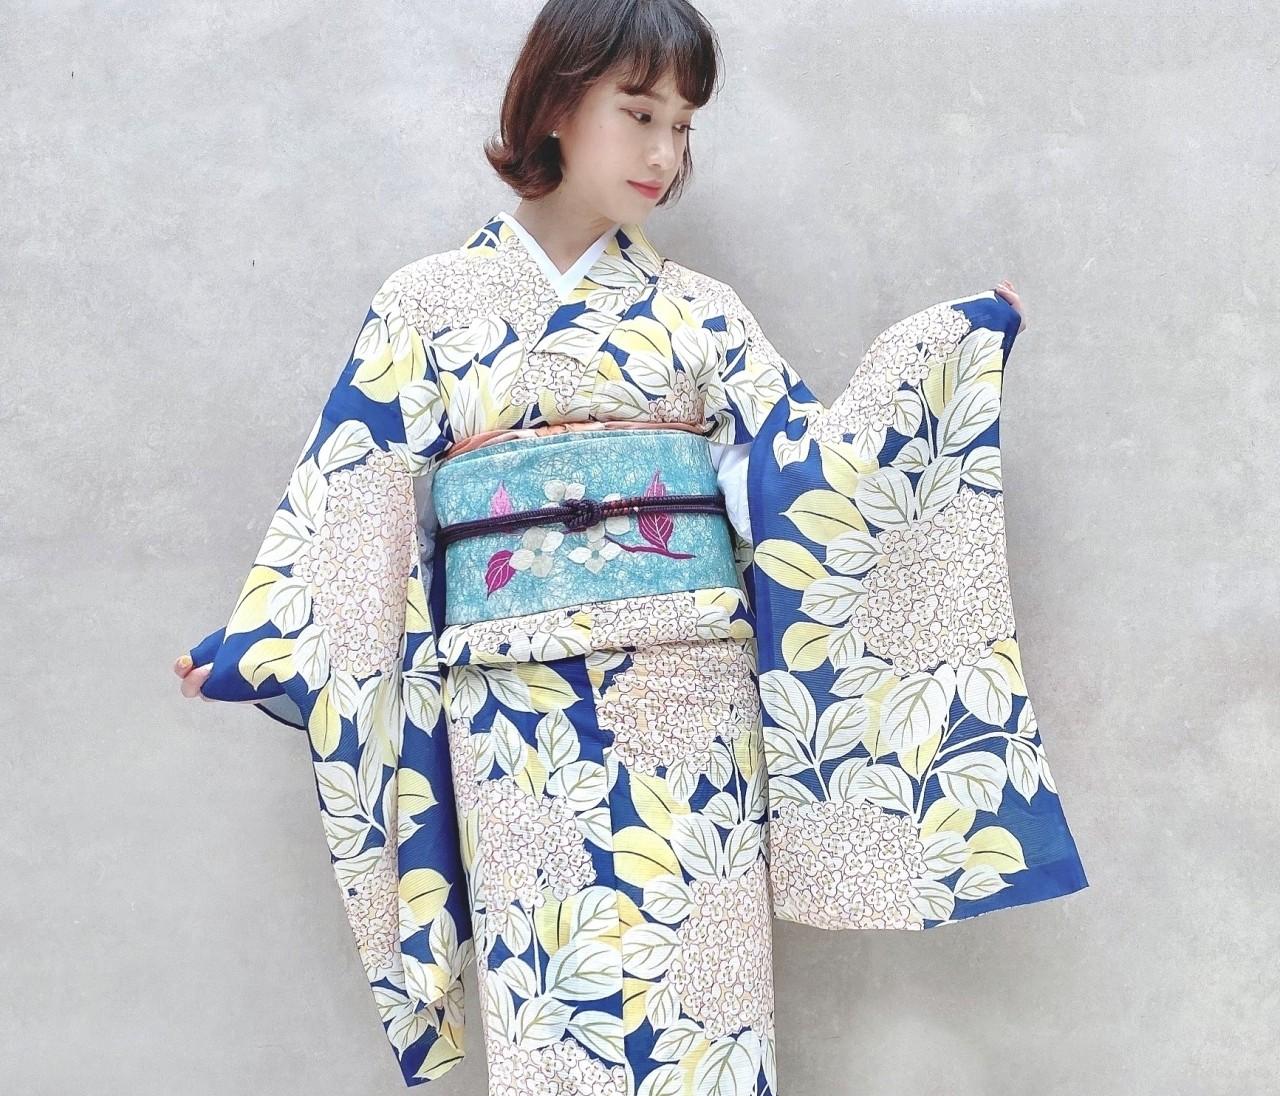 着物に恋して♡東京国立博物館でお着物の歴史に触れて